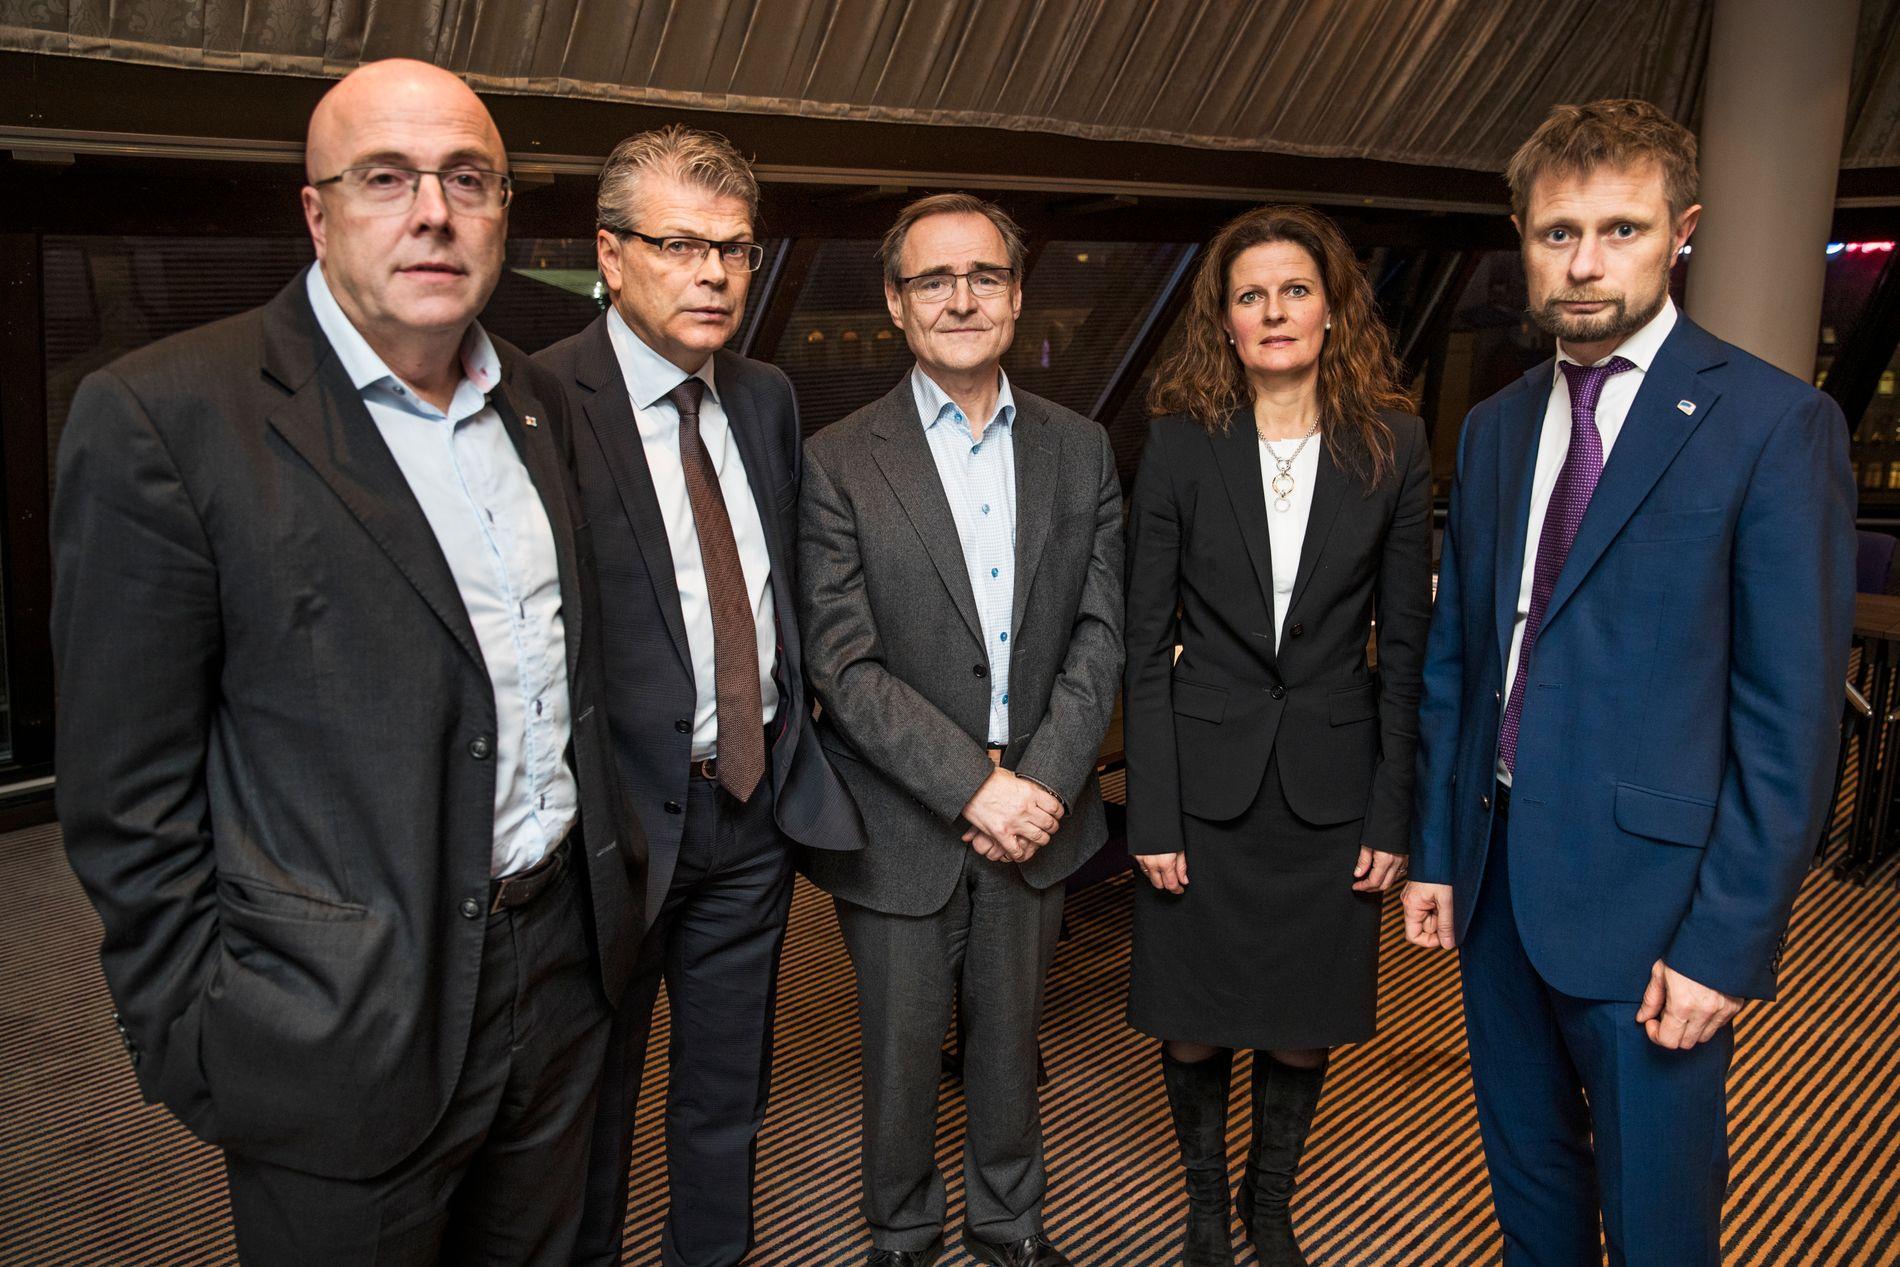 ENDRER: Toppsjef i Helse Nord, Lars Vorland (i midten) erkjenner at kontrakten hans bryter med statens retningslinjer. Her er han sammen med regionssjefene i helse-Norge og helseminister Bent Høie (H).